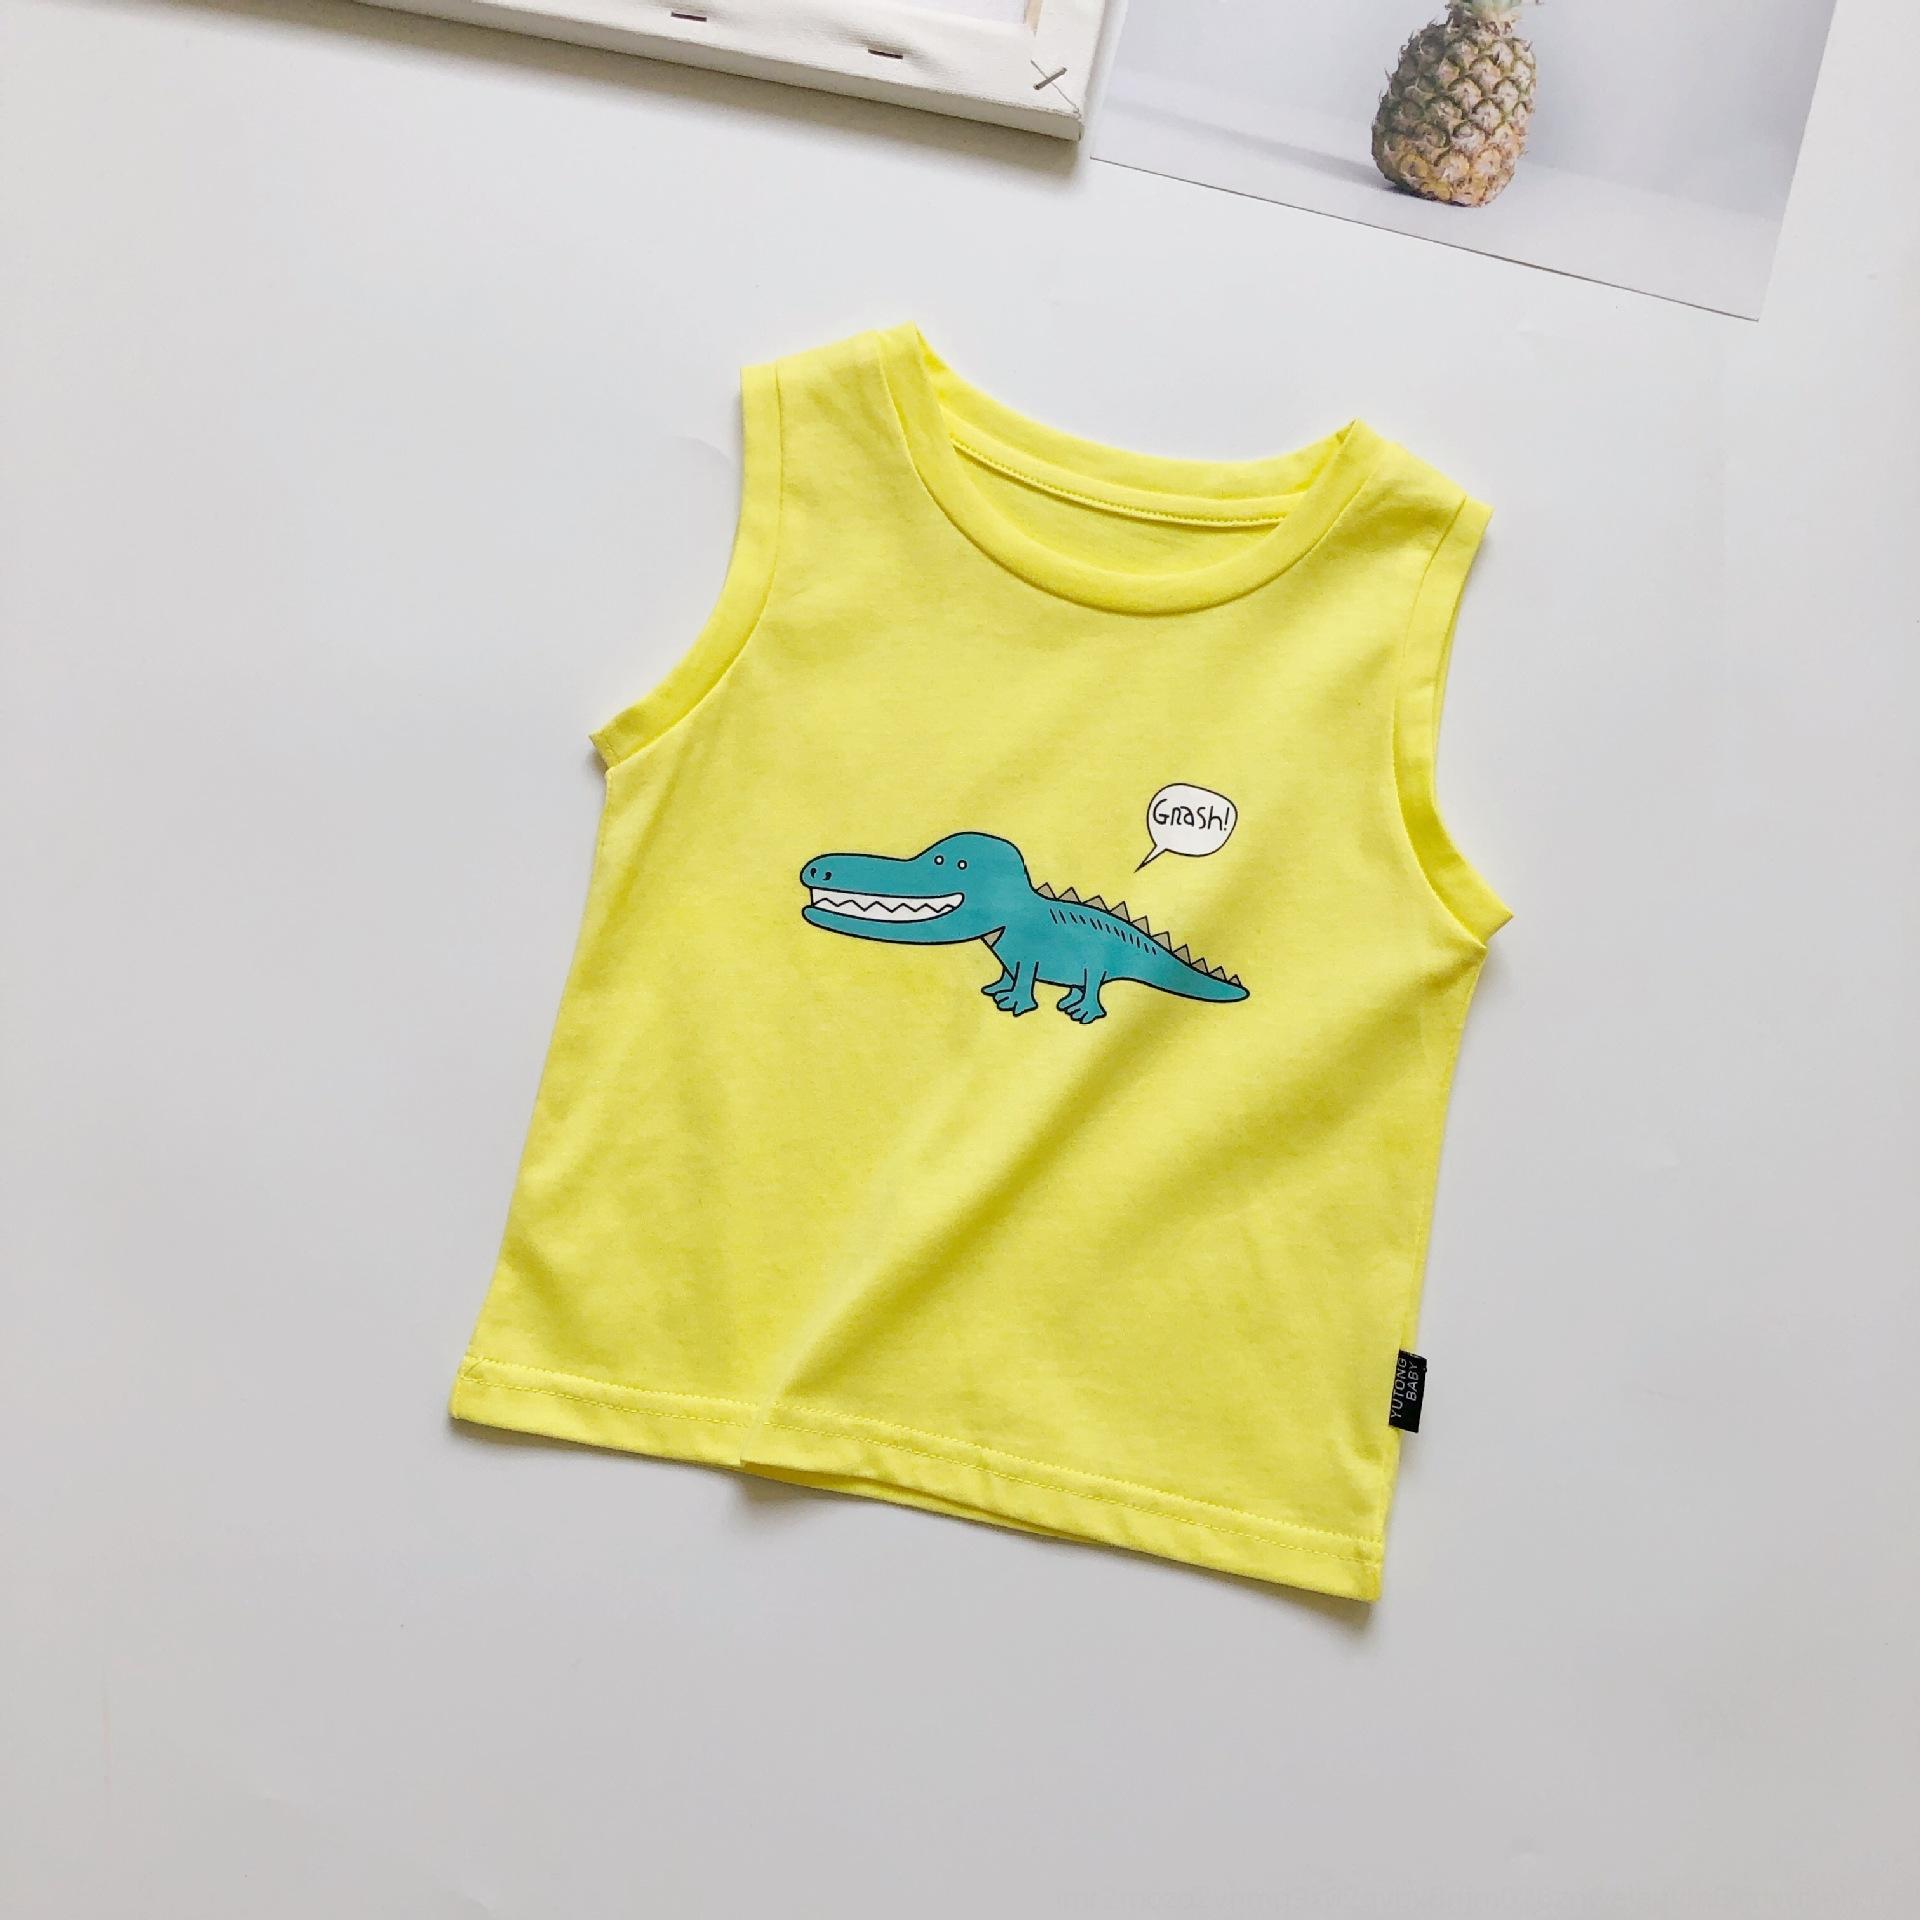 تشن ما الأطفال ملابس الصيف الفتيان الأعلى سترة القليل ديناصور سترة بلا أكمام الأولاد الصيف 2020 كل مباراة قمة تنفس